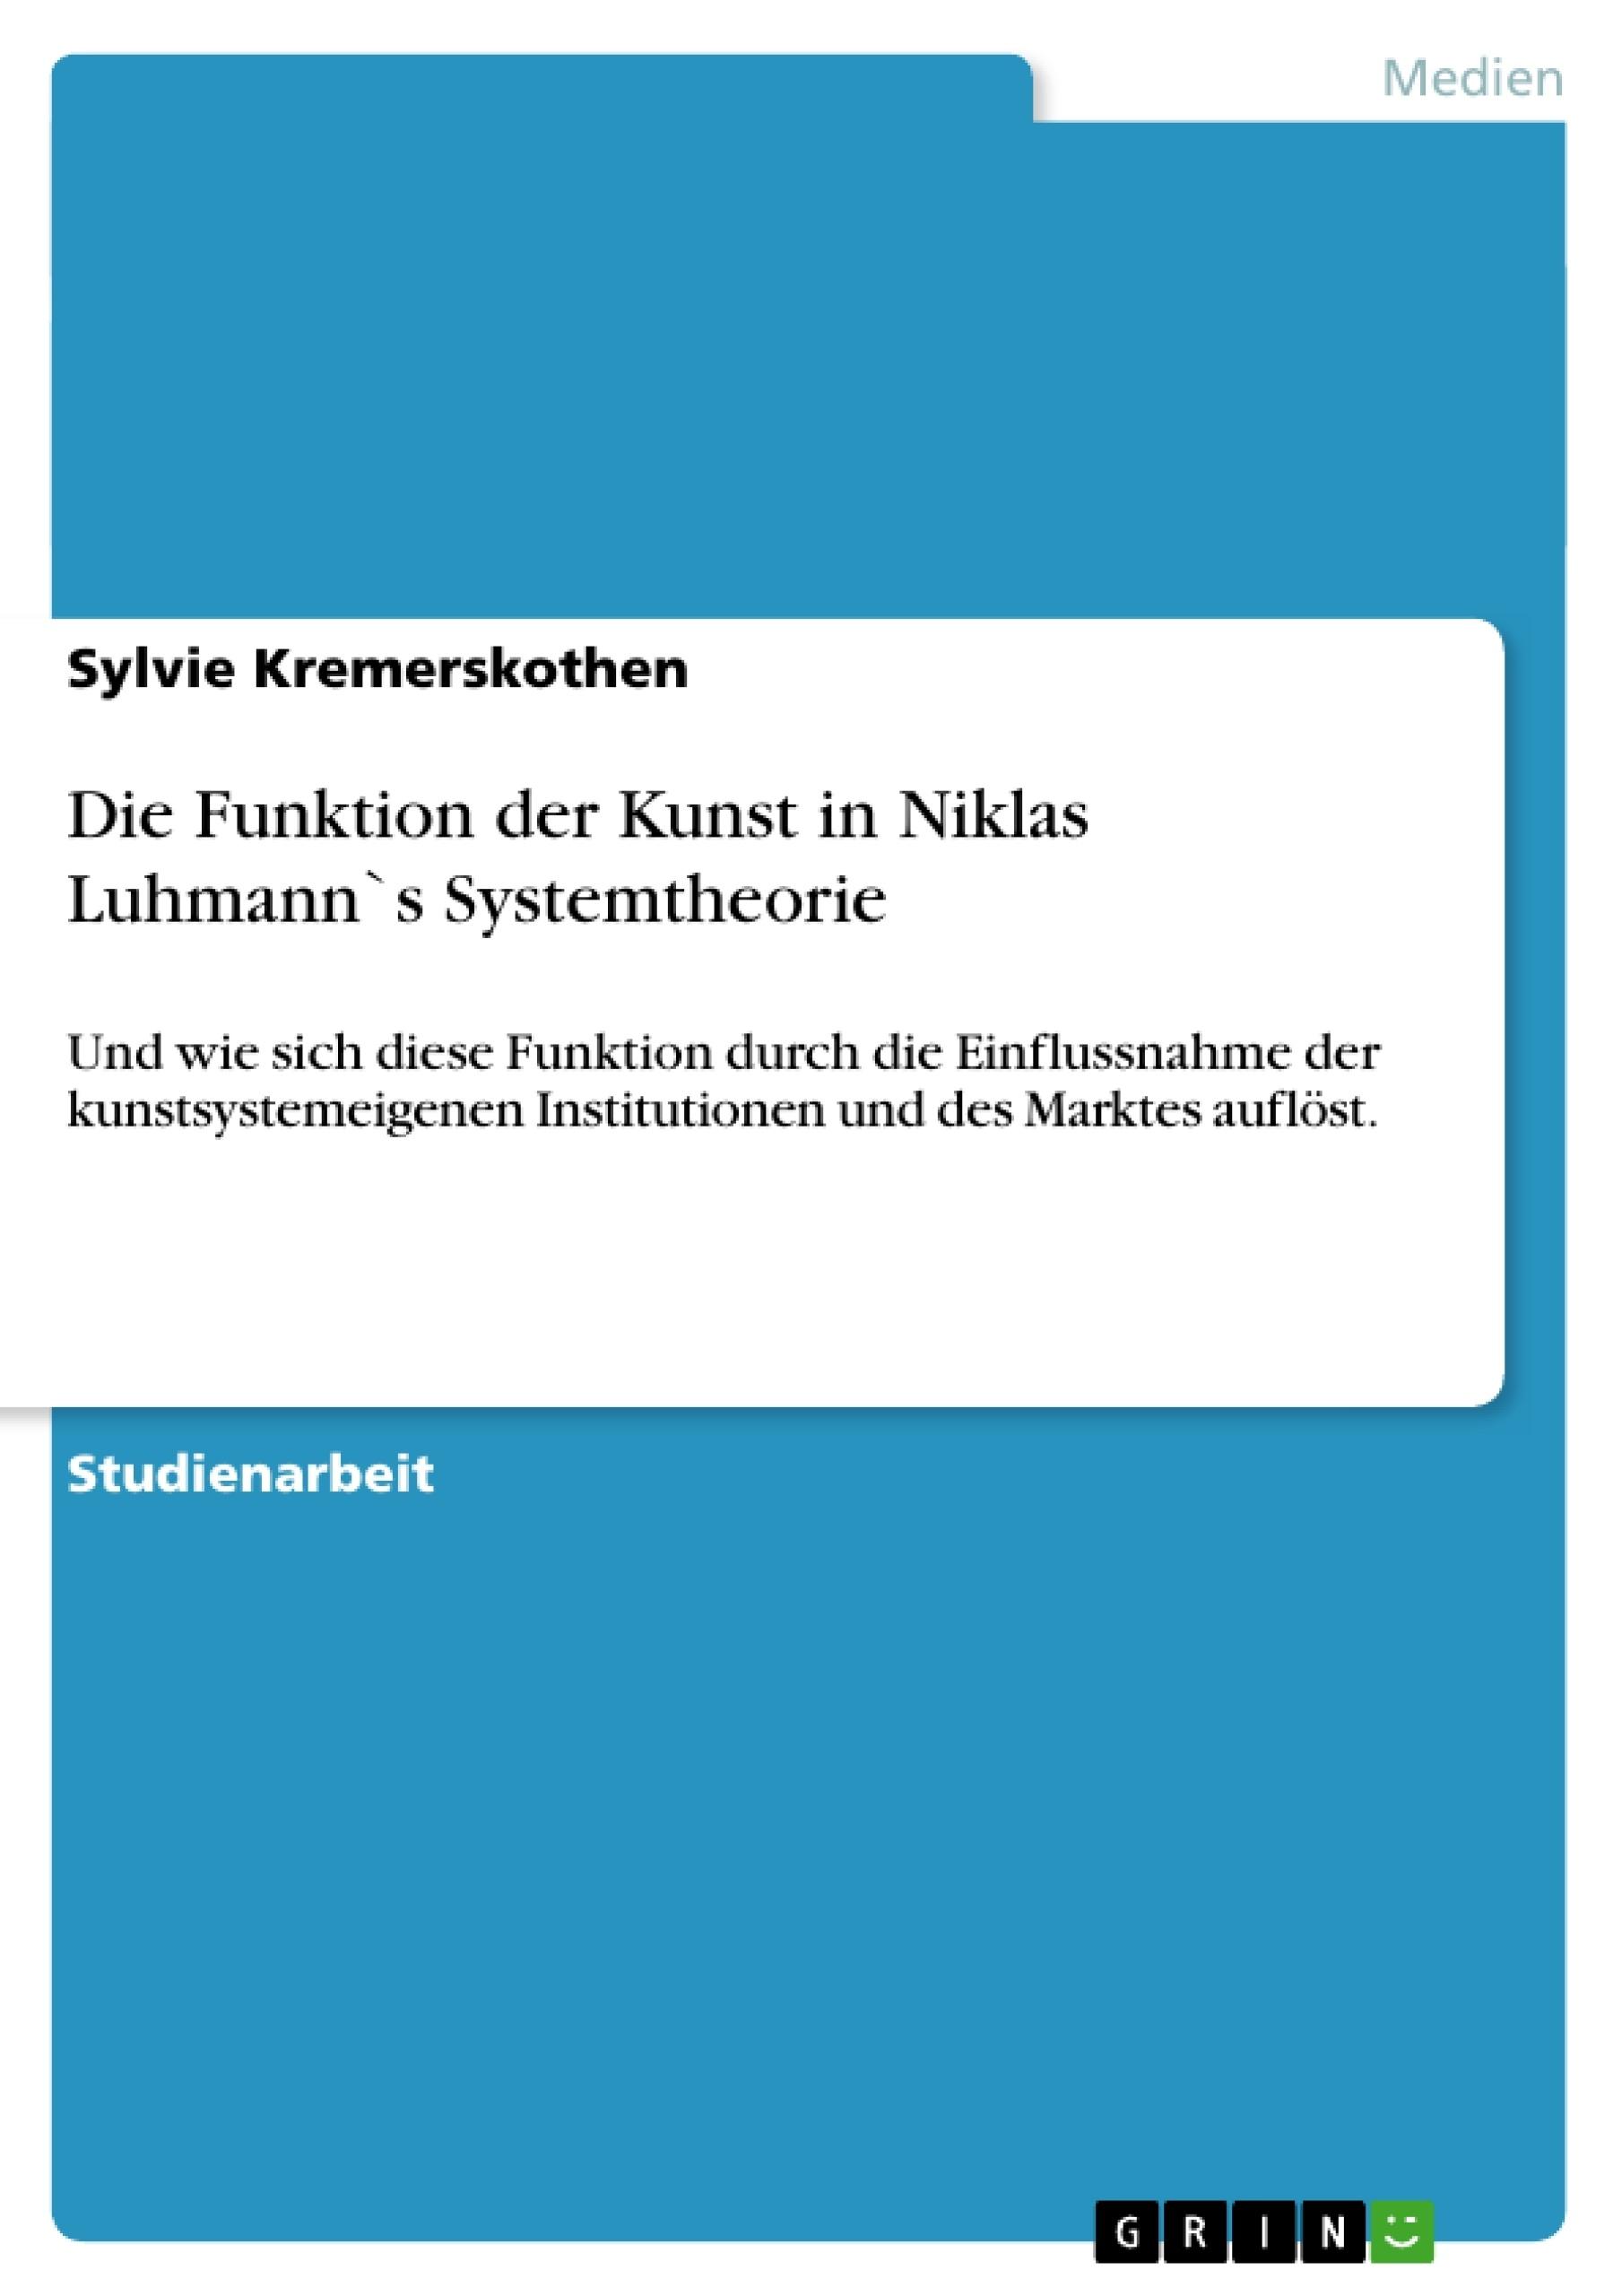 Titel: Die Funktion der Kunst in Niklas Luhmann`s Systemtheorie